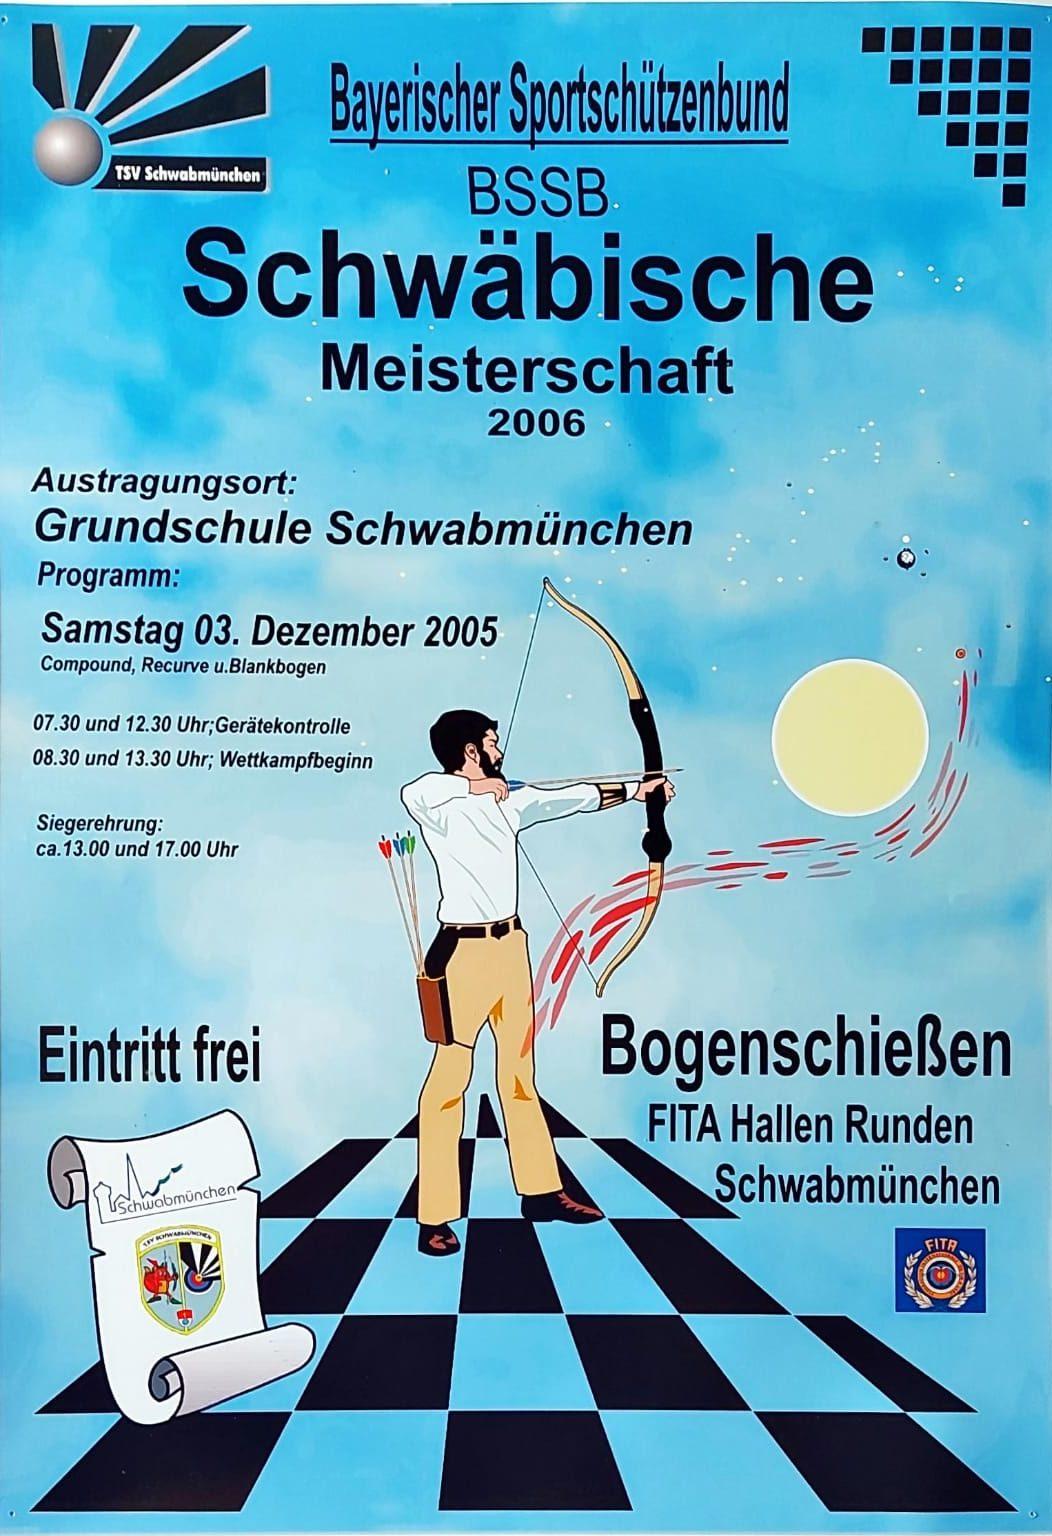 Schwäbische Meisterschaft in SMÜ